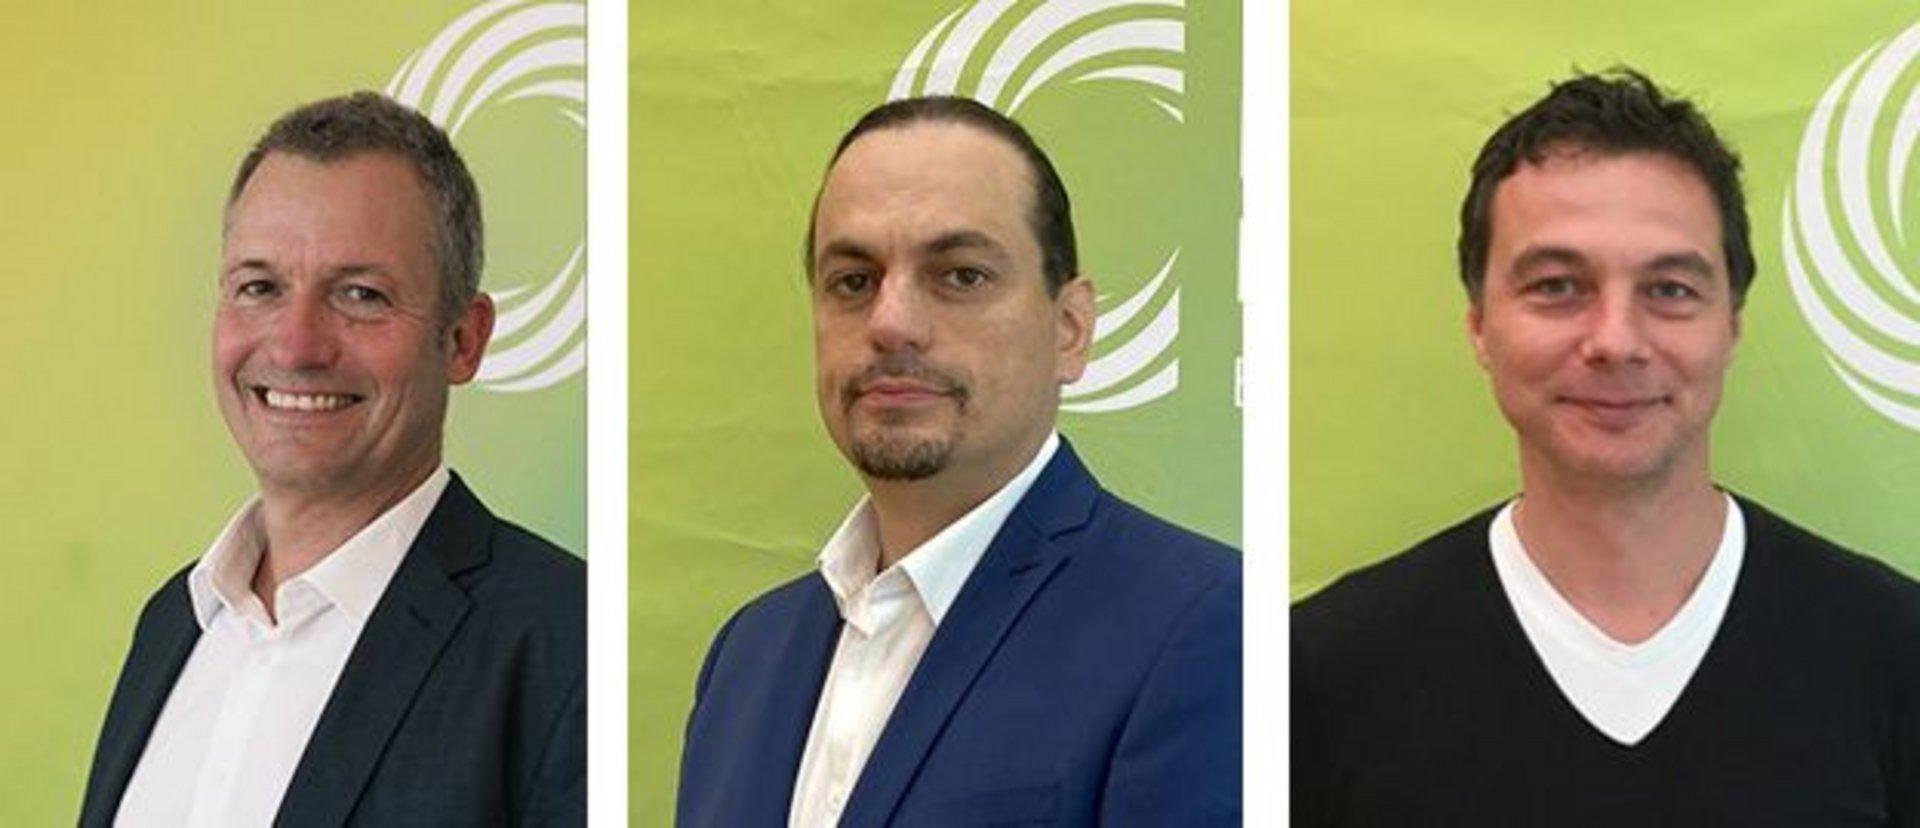 Vorstand der Plattform Erneuerbare Energien Baden-Württemberg e. V.